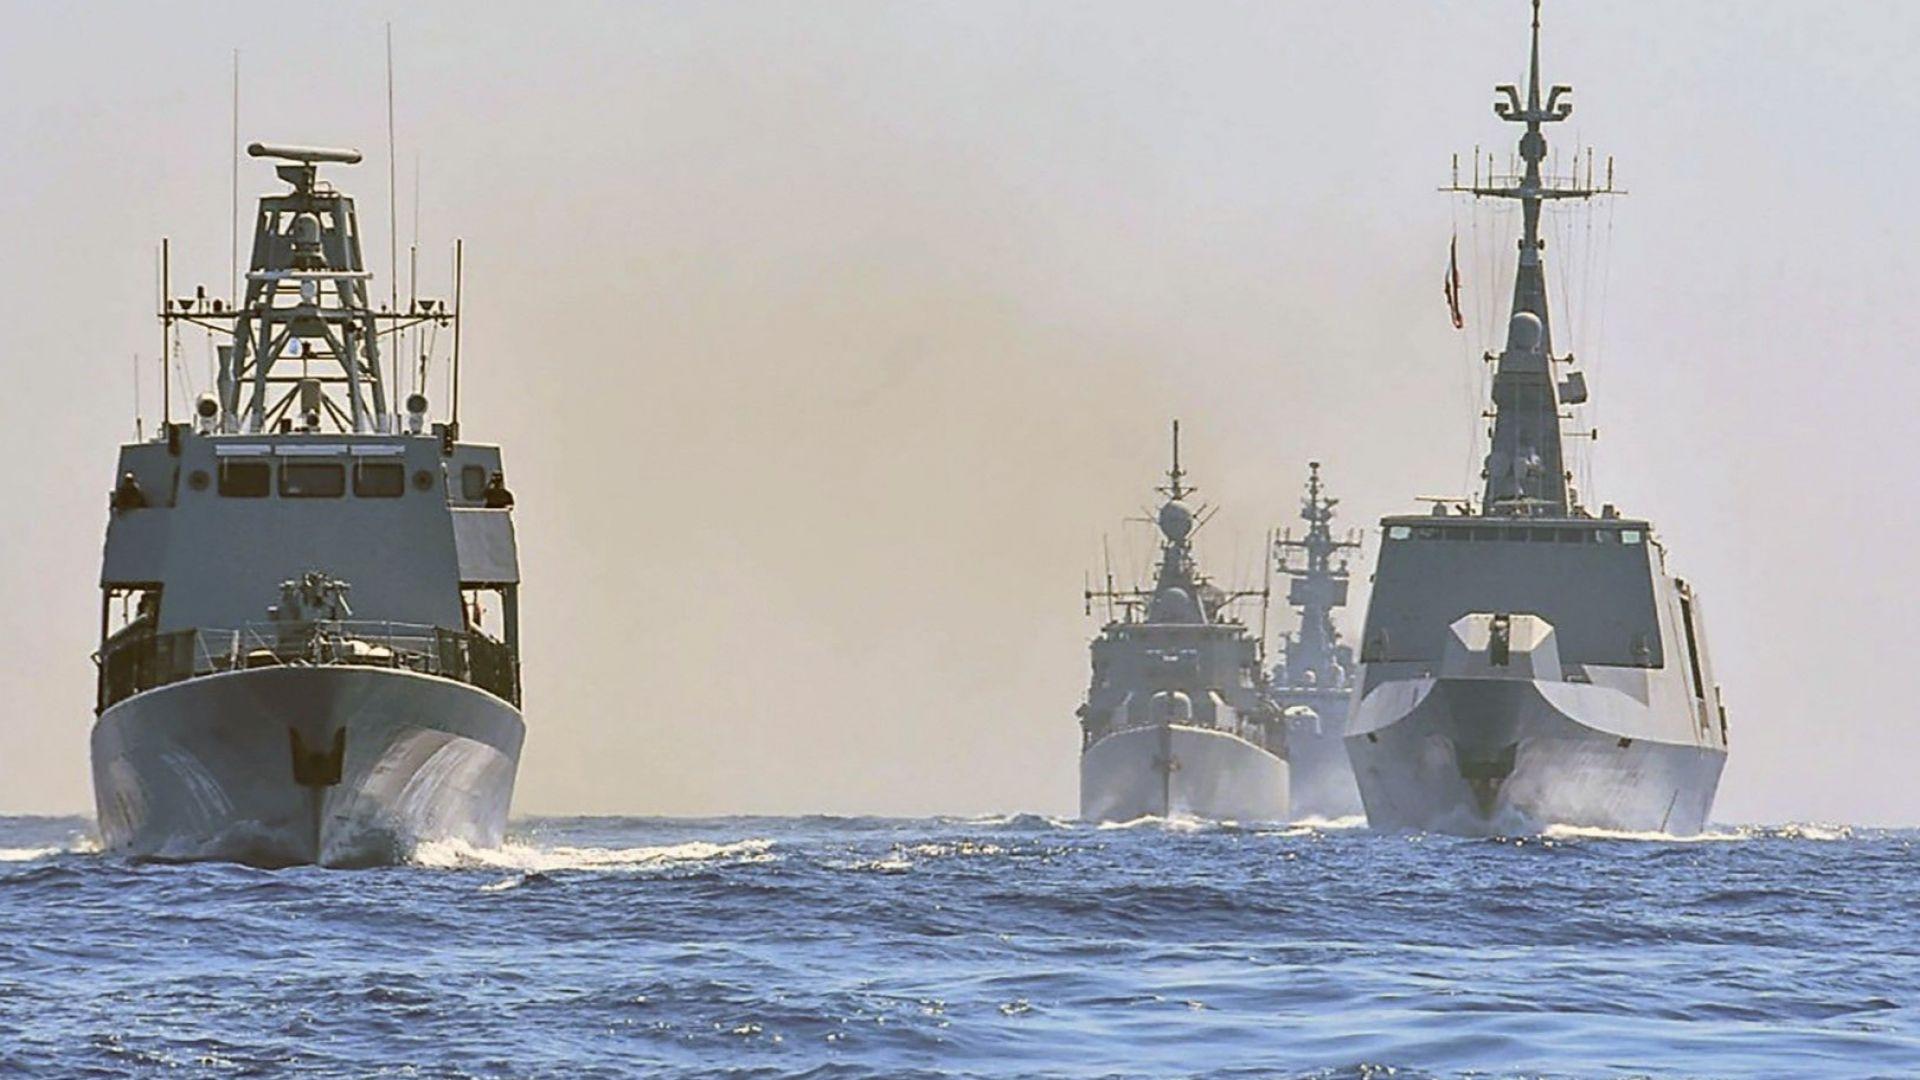 Гърция ще поиска оръжейно ембарго срещу Турция, подобно на наложеното срещу Русия